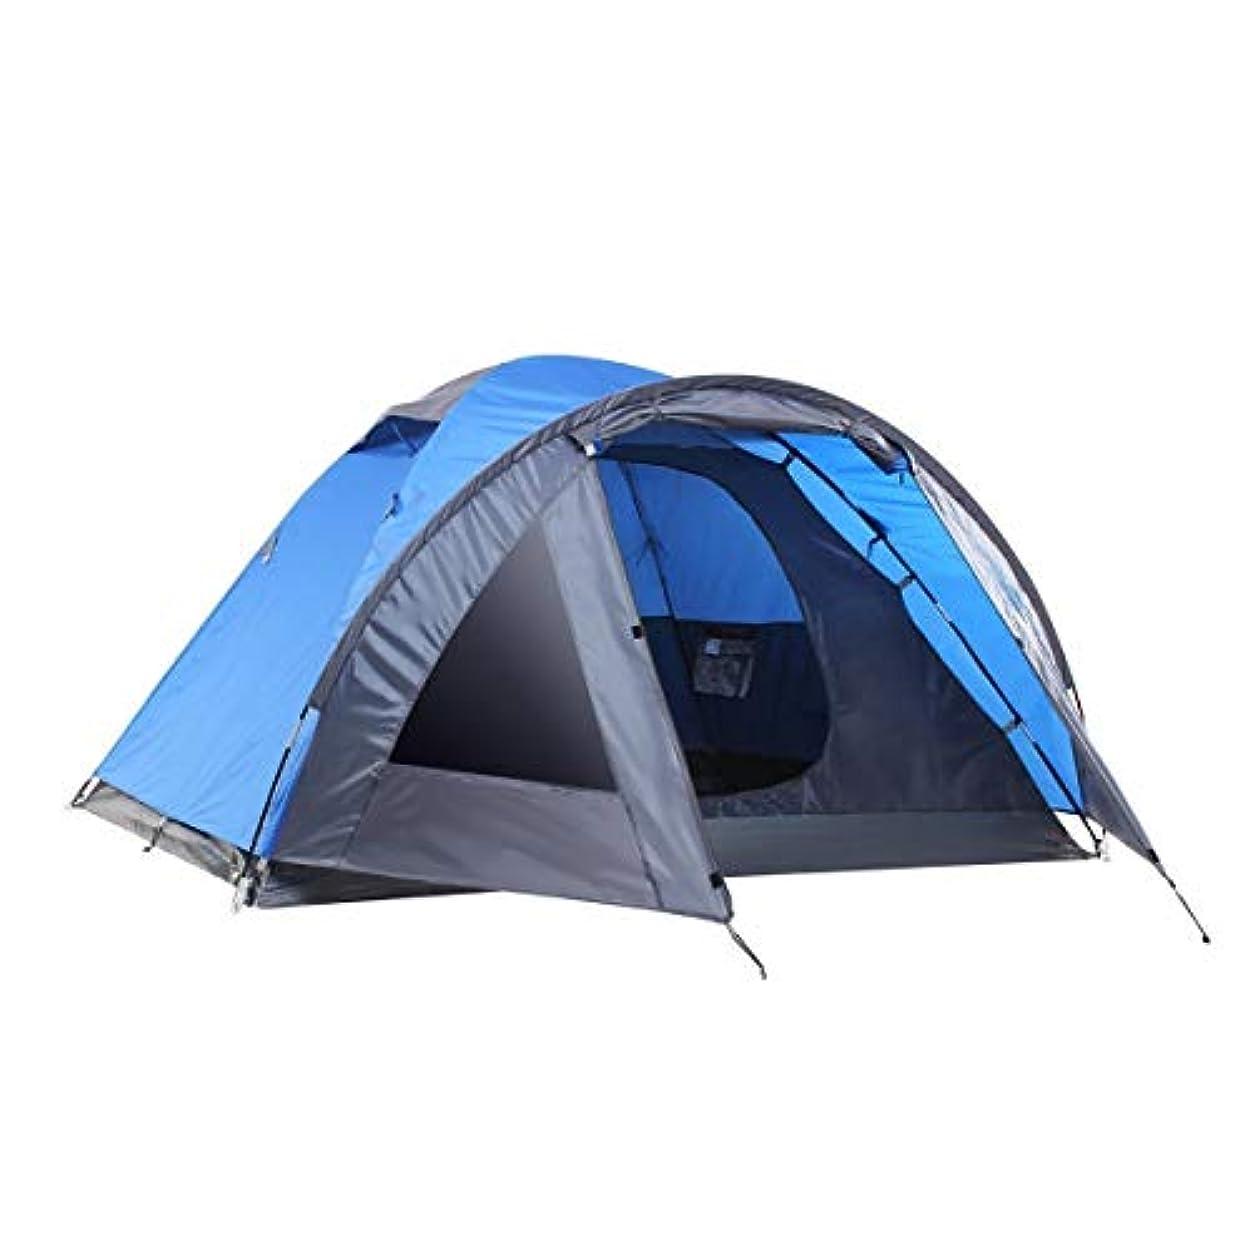 肥満禁輸盗難SEMOO Camping Tent 3-4 Person 4-Season Double Layer Lightweight Traveling Tent with Carry Bag [並行輸入品]